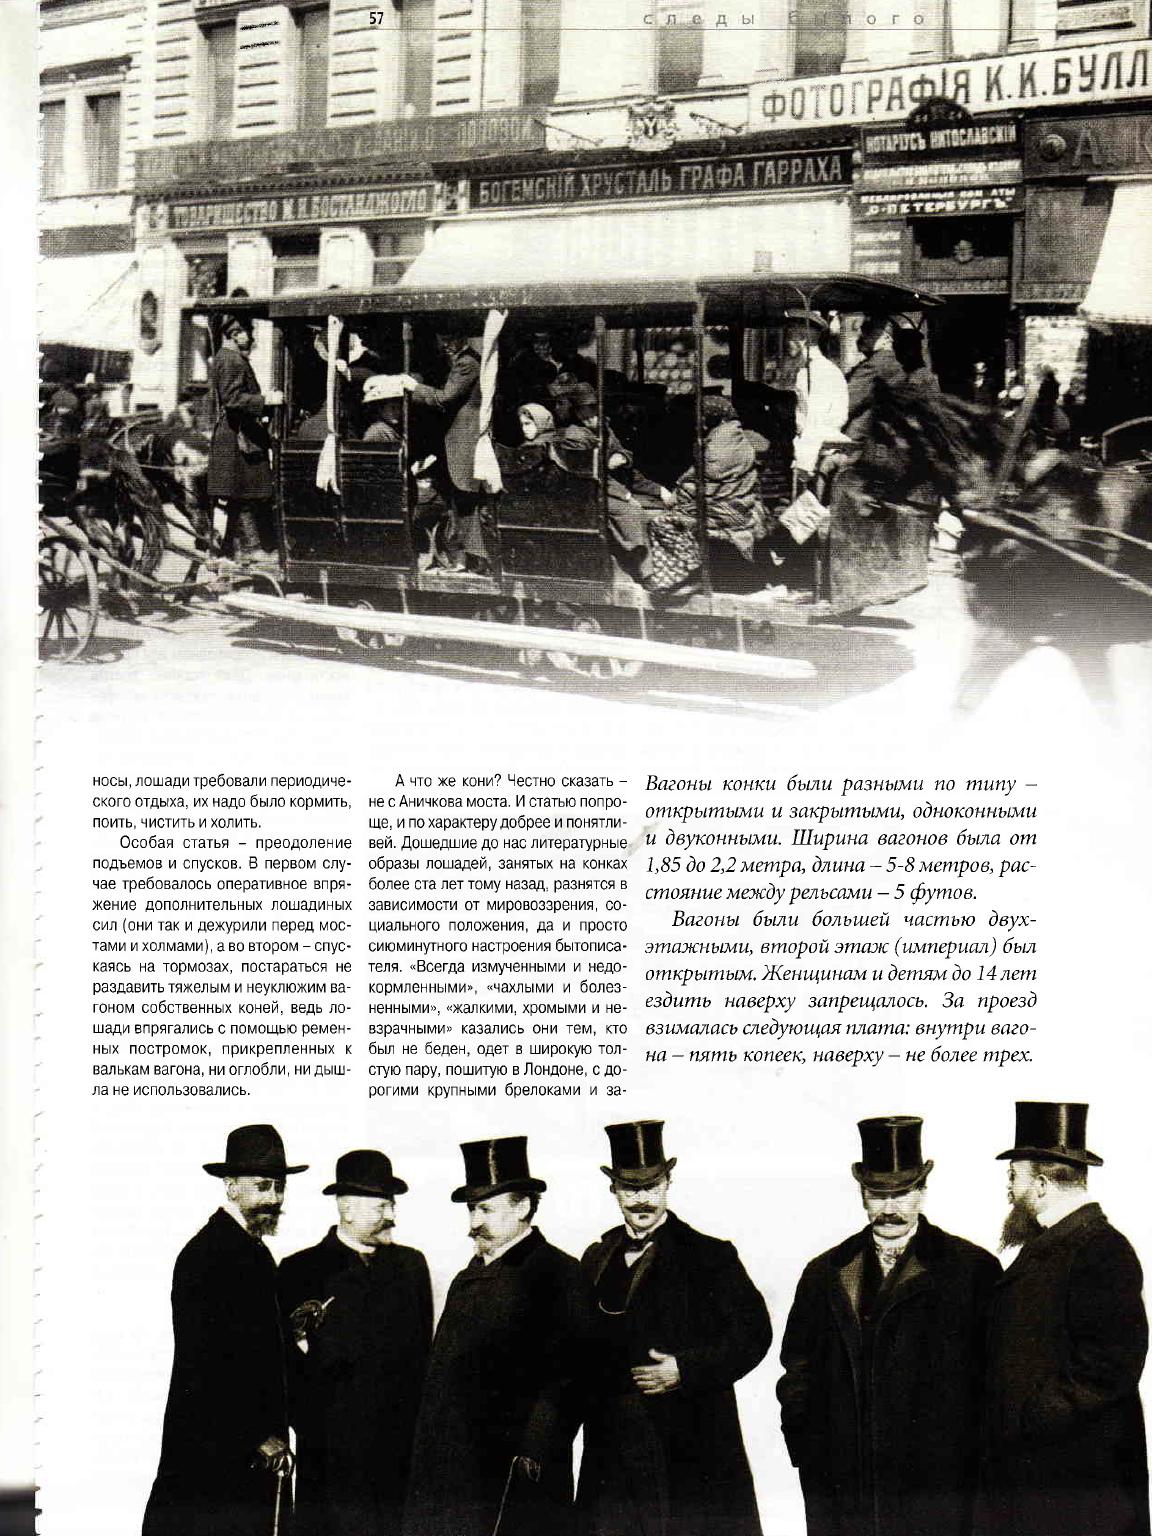 Вечность одной лошадиной силы. Статья из журнала (КМ 5-2002) Bb21c6762579e217fc5aac25389d7d2e